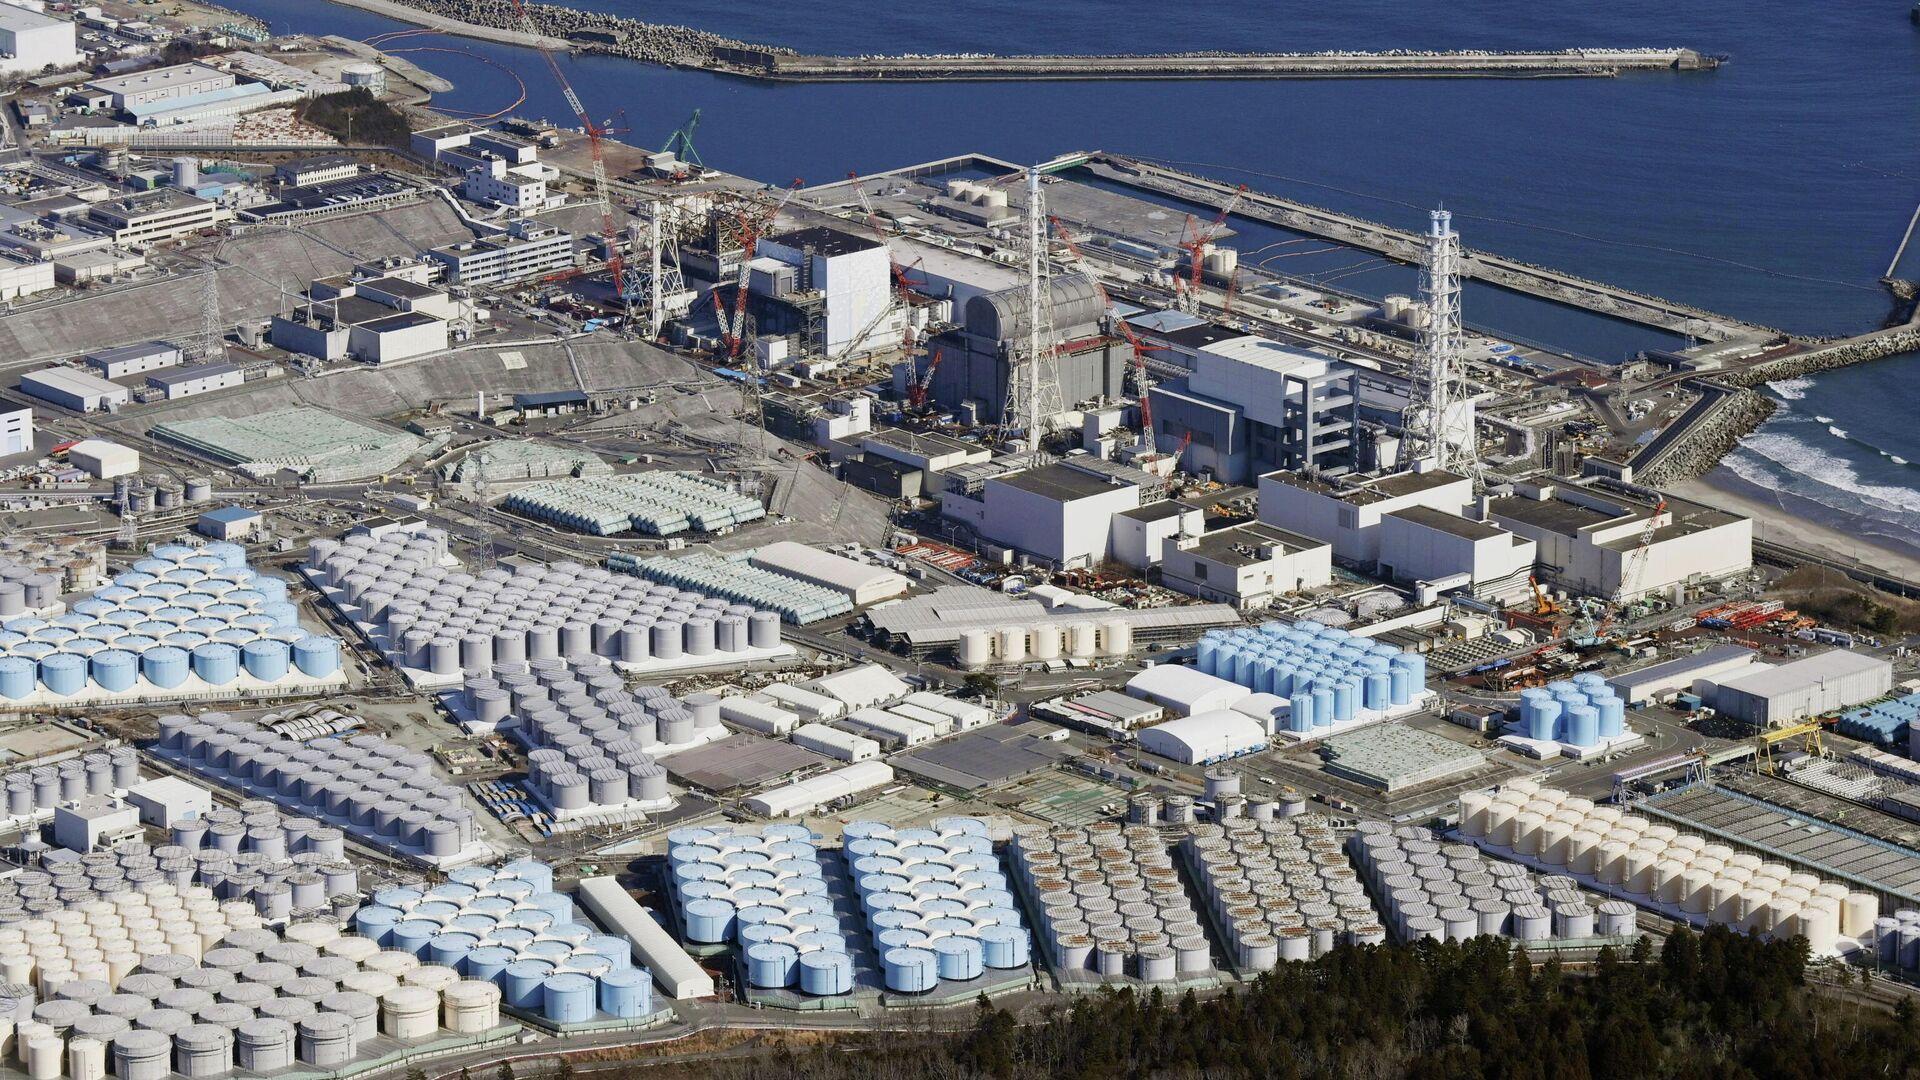 Вид с воздуха на резервуары для хранения воды на АЭС Фукусима, Япония - РИА Новости, 1920, 17.08.2021